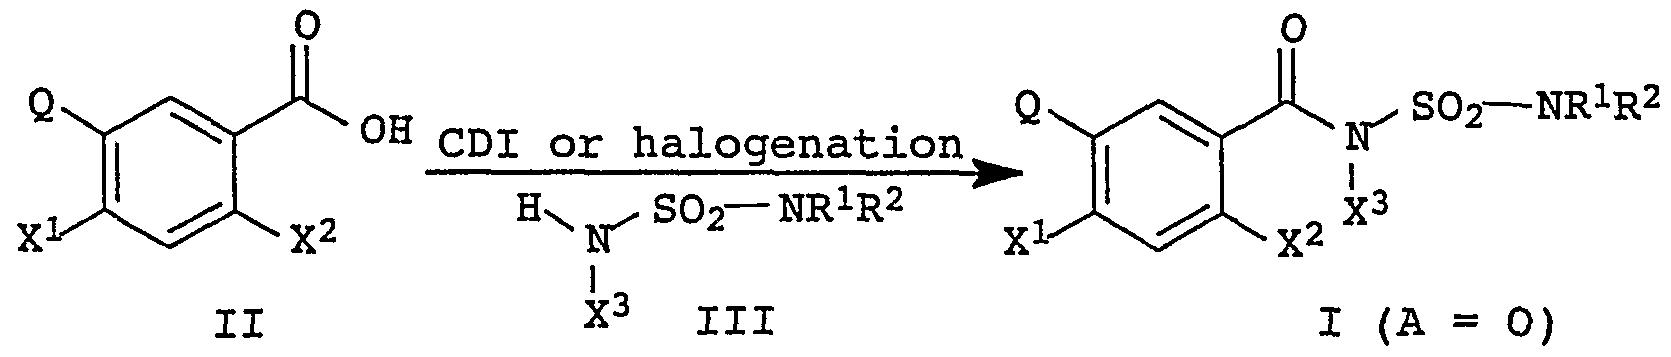 Figure imgf000032_0004